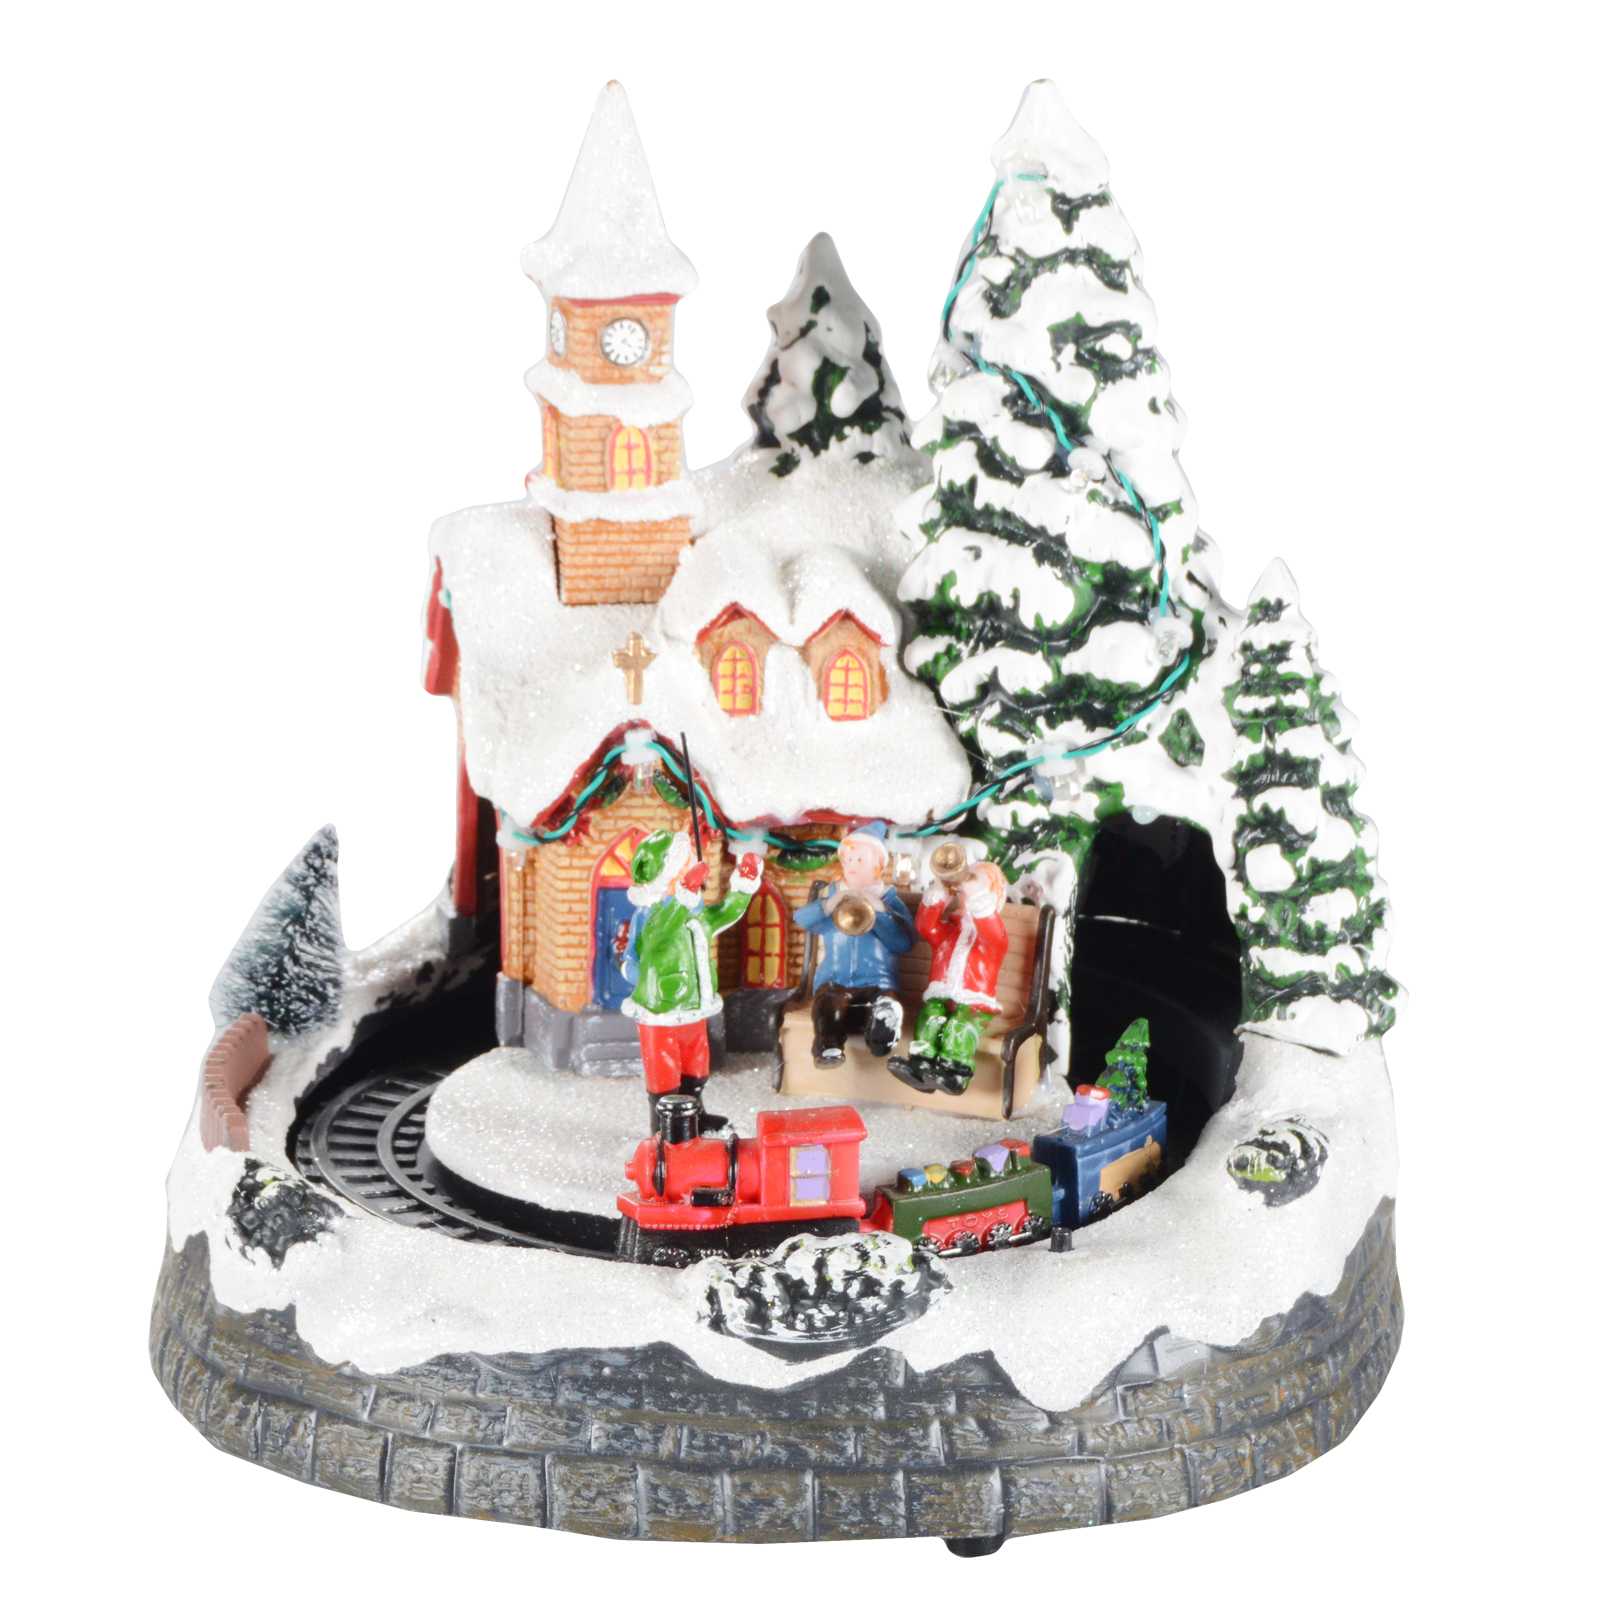 weihnachtsdorf mit licht und musik weihnachtsdeko weihnachten dekoration musik. Black Bedroom Furniture Sets. Home Design Ideas